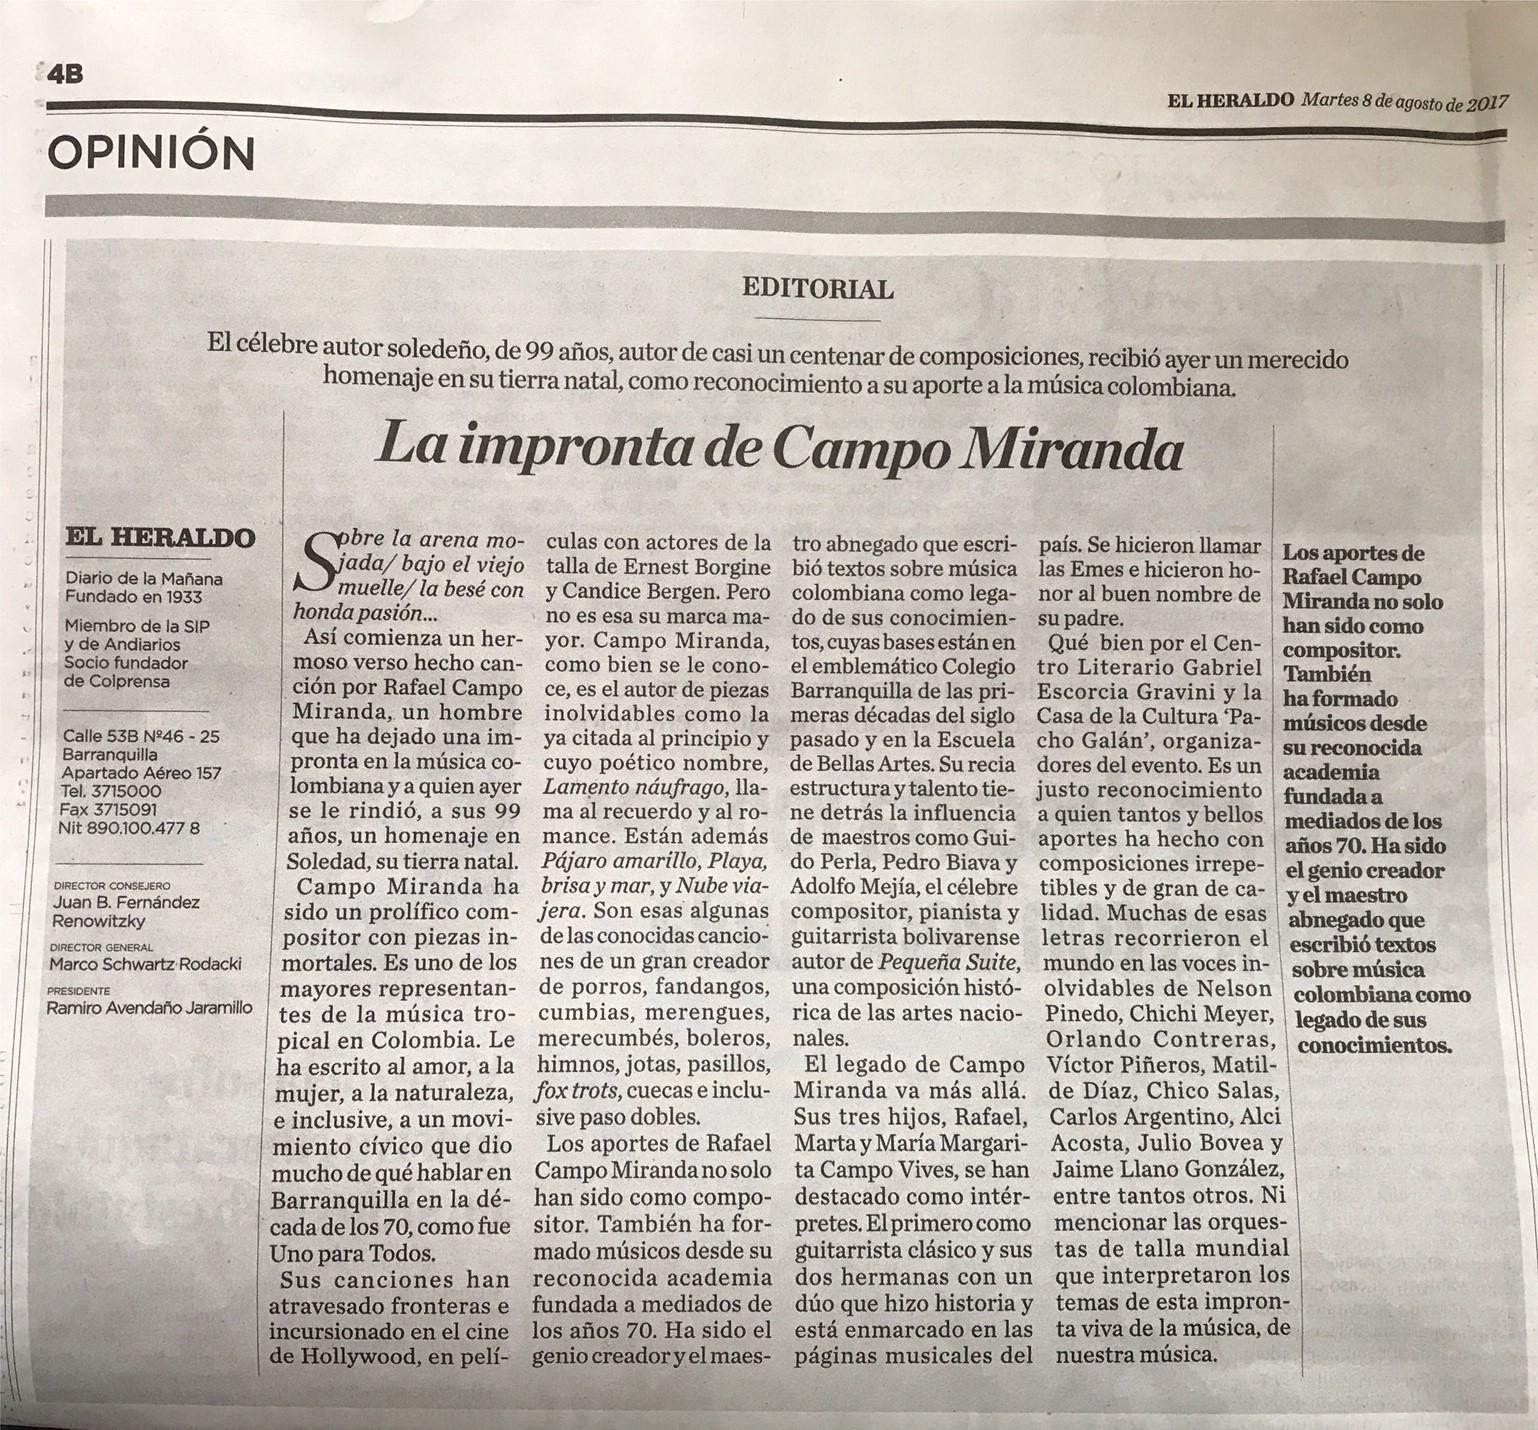 Editorial de El Heraldo, martes 8 de Agosto de 2017 - Barranquilla / Colombia.